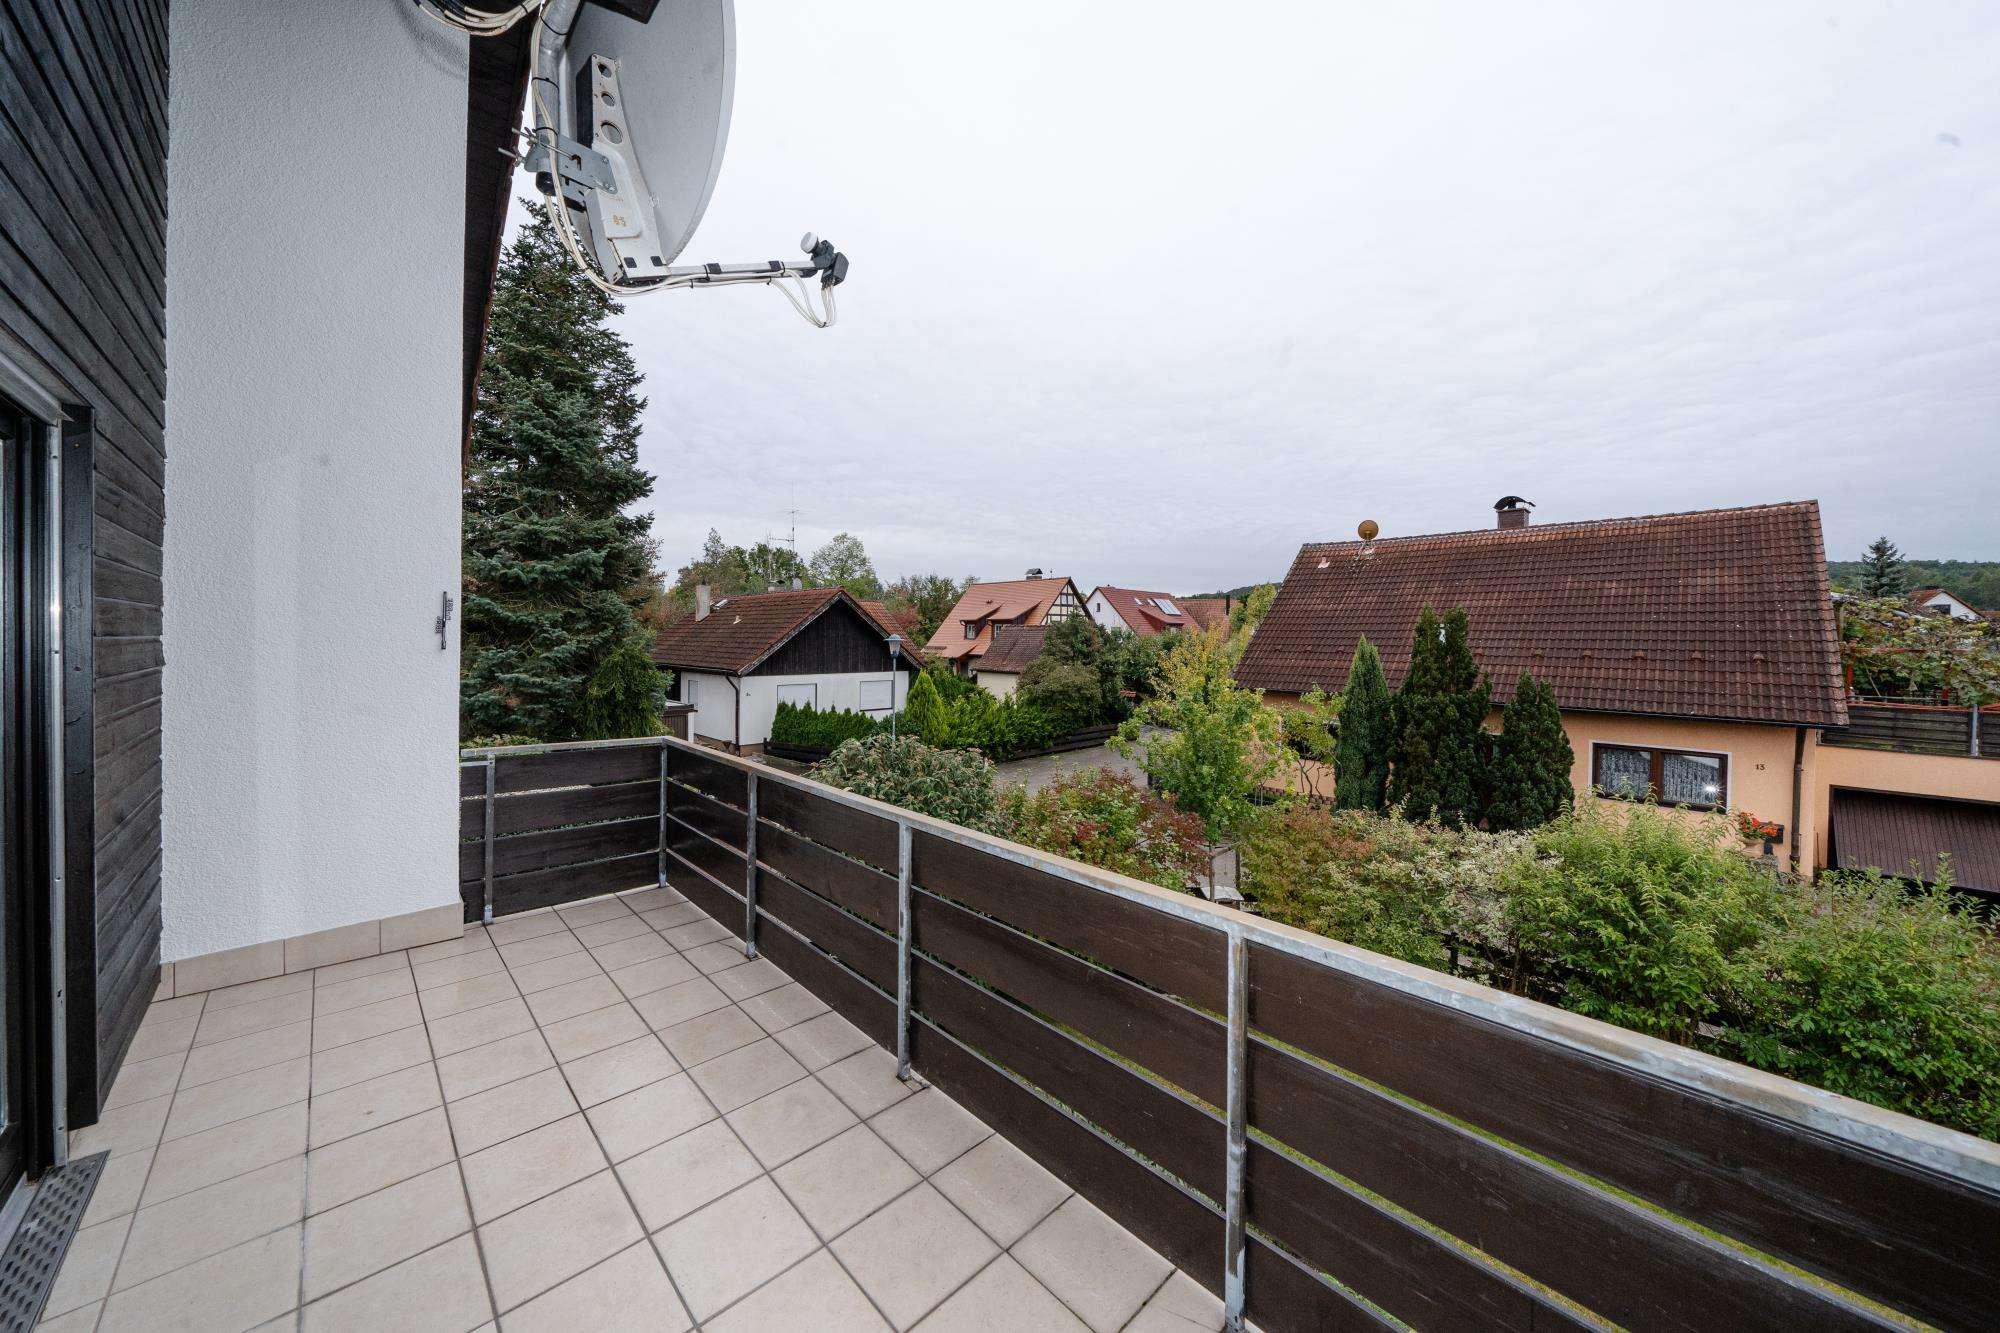 Helle Wohnung mit sonniger Loggia in idyllischer Umgebung! in Oberfürberg / Eschenau (Fürth)